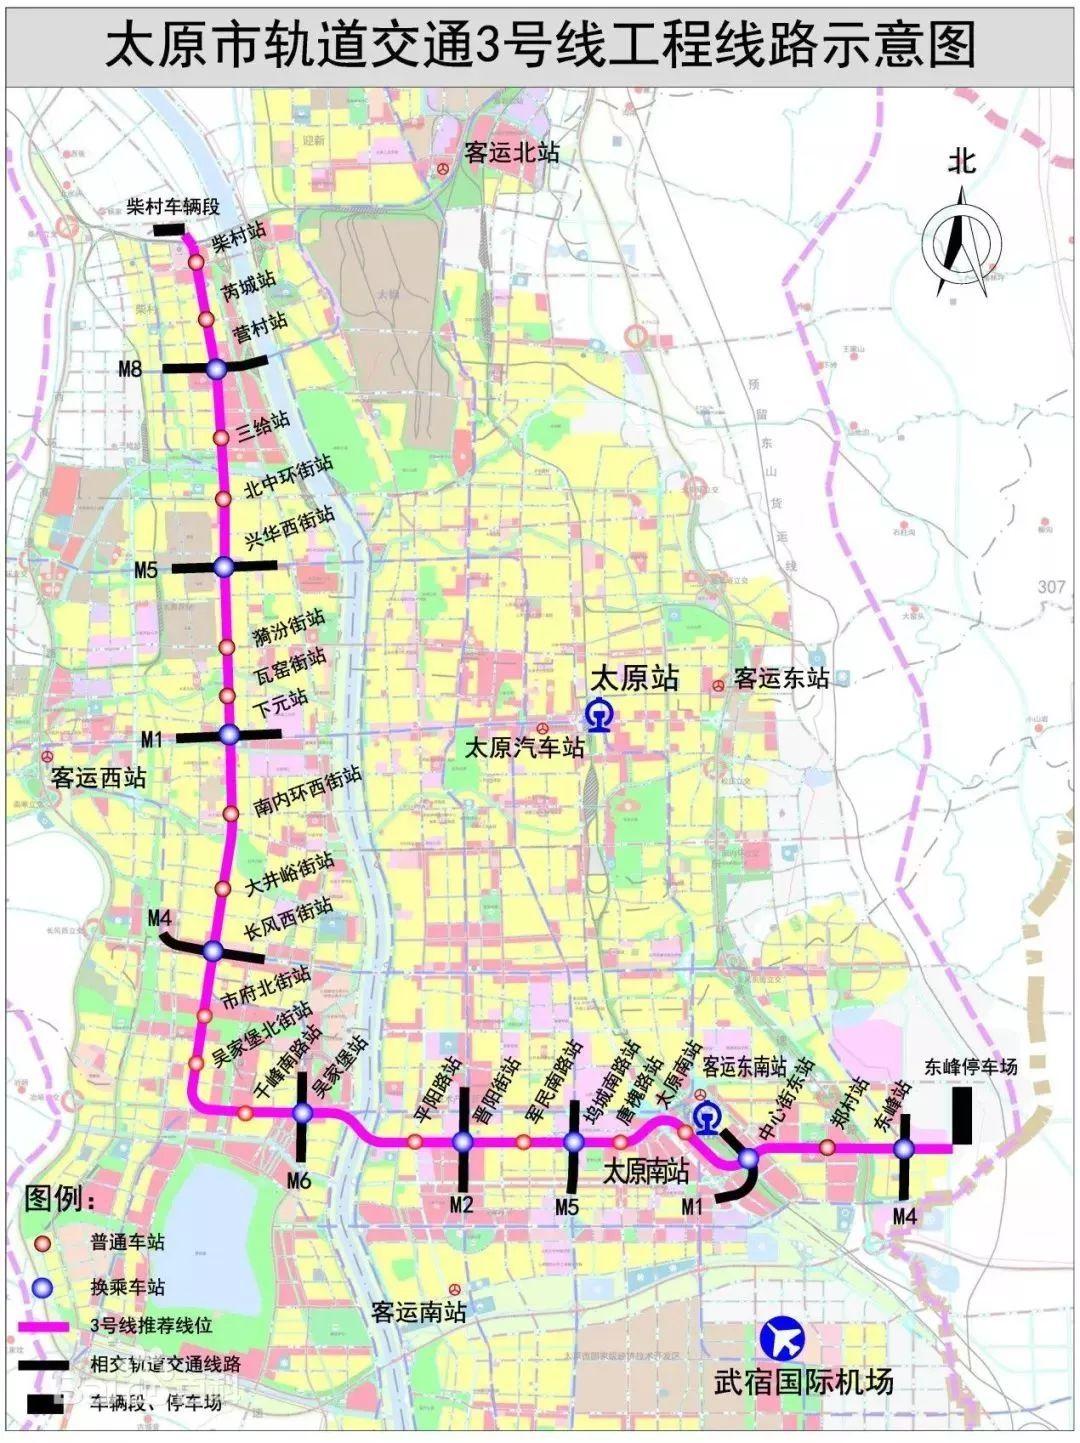 太原市城区有多少常住人口_太原市六城区划分图